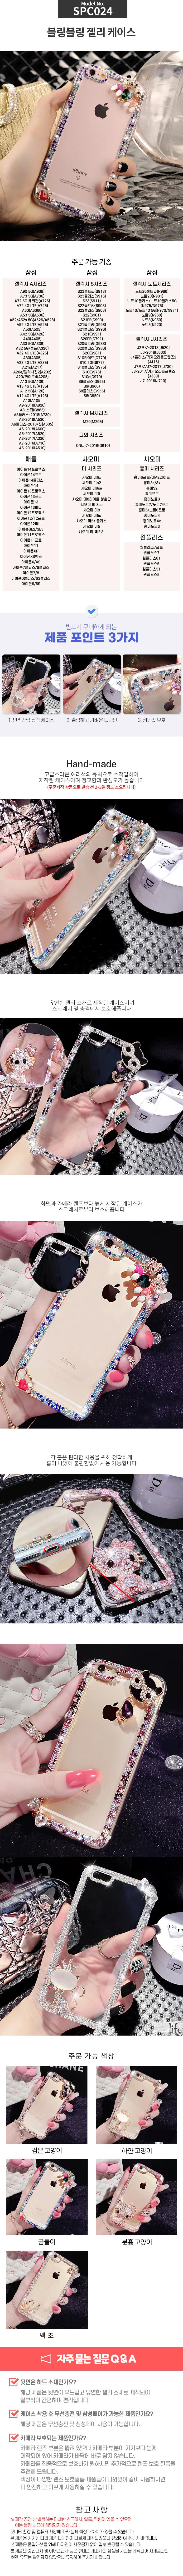 샤오미미A2 8SE 8 8라이트 9SE 9 5S 5S플러스 5 미맥스 3 포코폰F1 젤리 휴대폰 핸드폰 케이스 - 수나르, 12,800원, 케이스, 기타 스마트폰